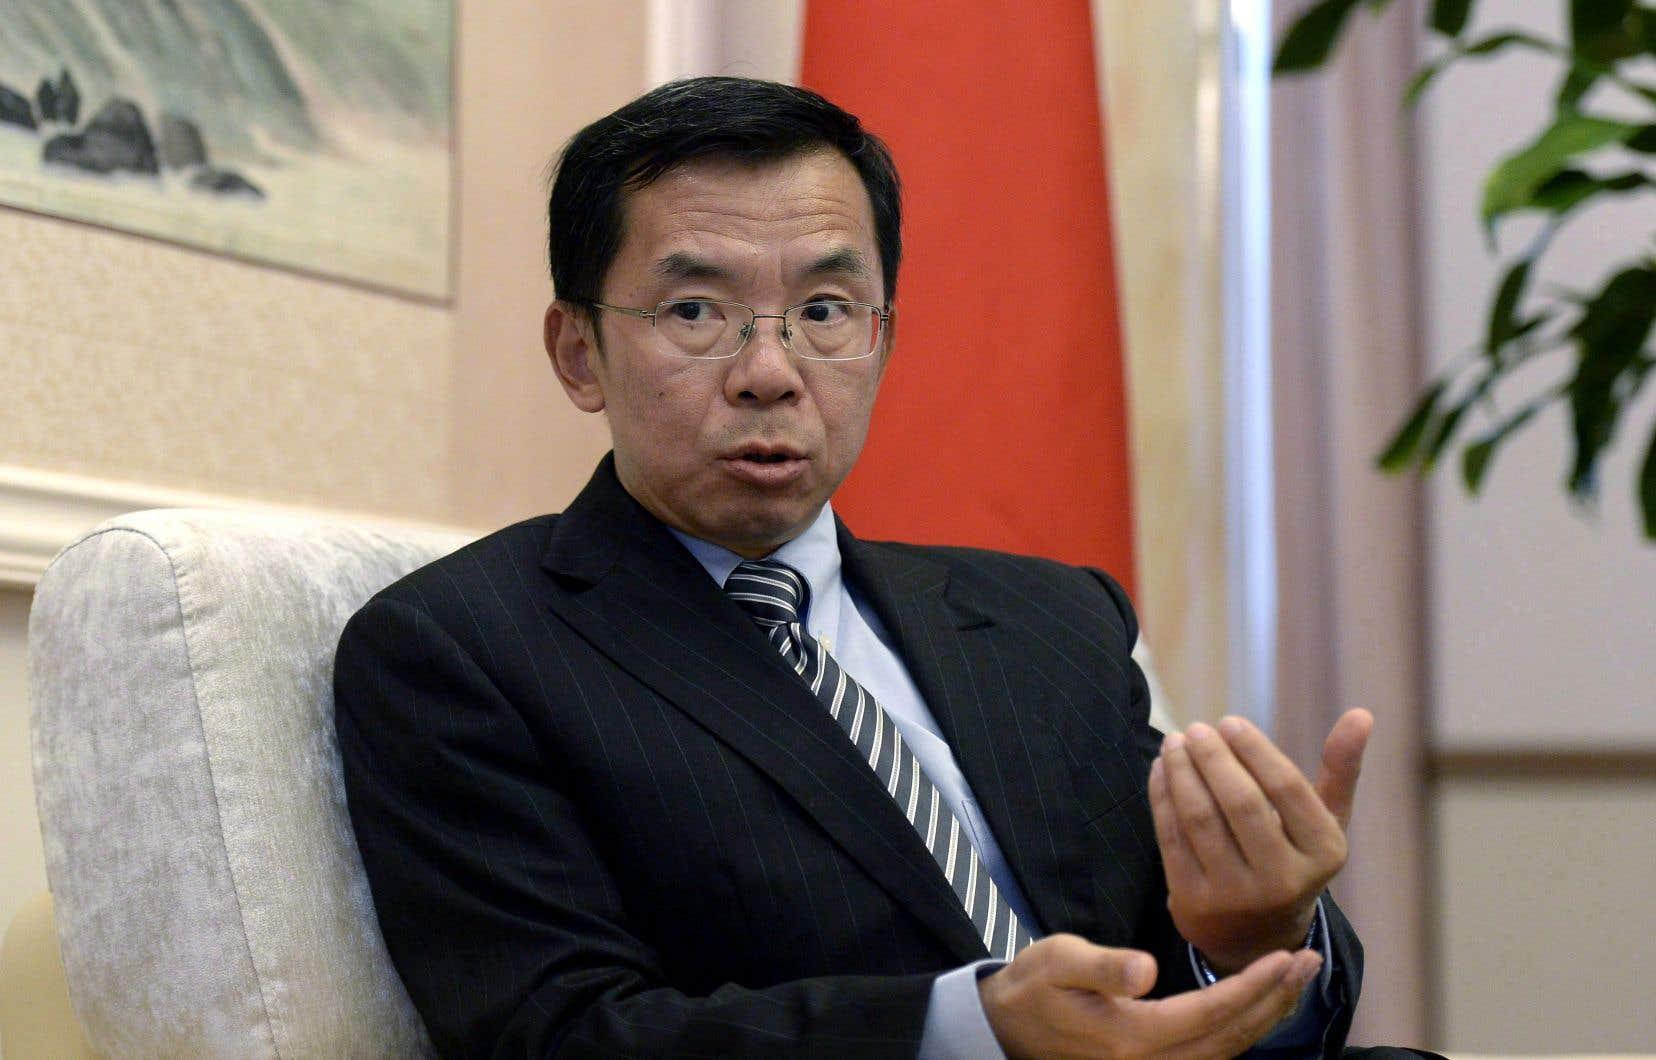 L'ambassadeur de Chine au Canada, Lu Shaye, a déclaré lundi que son pays espérait progresser sur la voie d'accords de libre-échange, notamment avec le Canada.